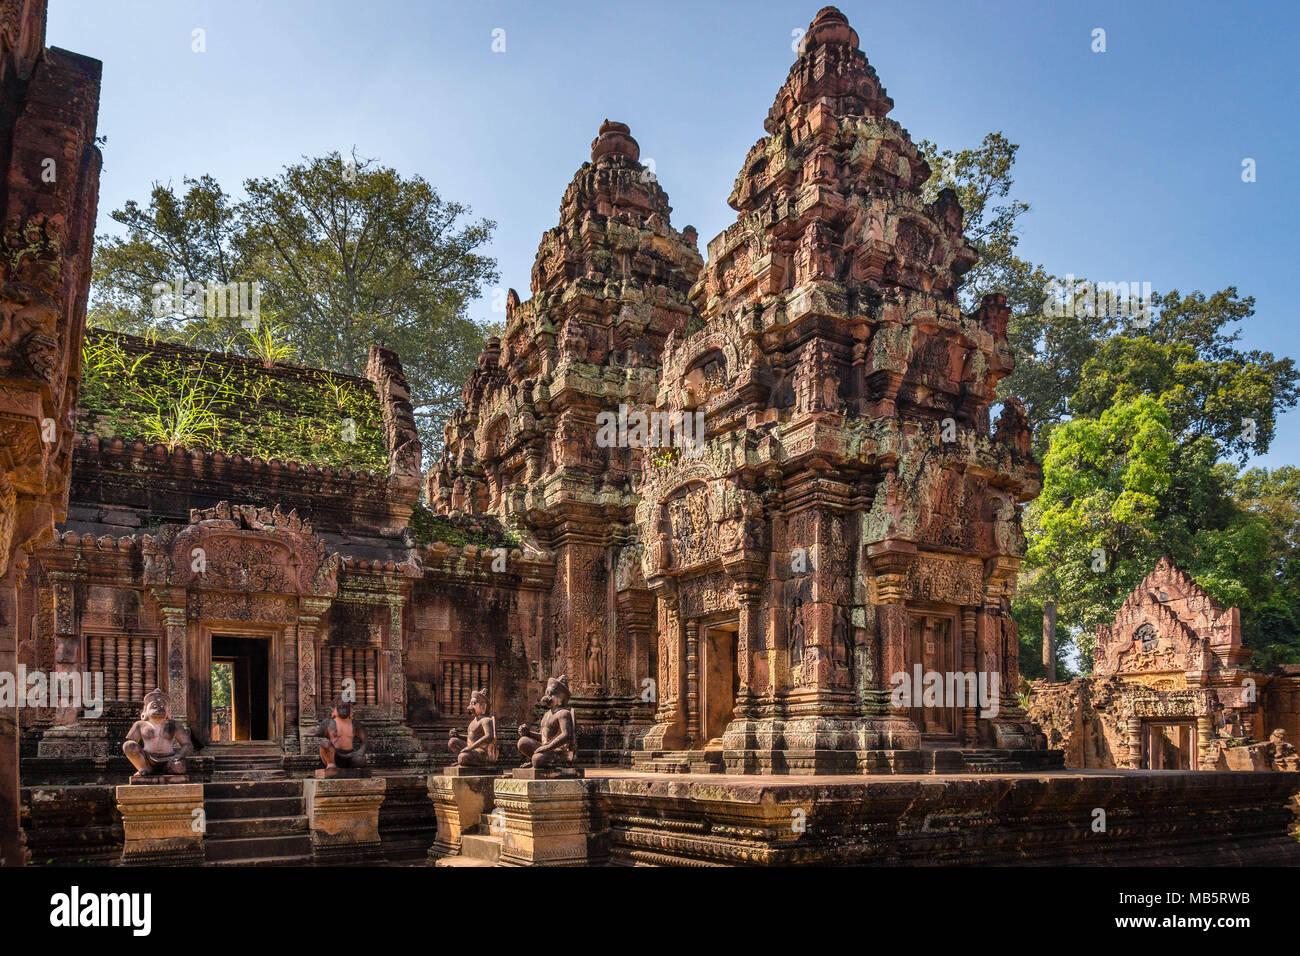 Il Banteay Srei, noto come 'lady temple', date da 967 CE, ed è dedicato al dio indù Shiva, in Siem Reap (Cambogia). Immagini Stock